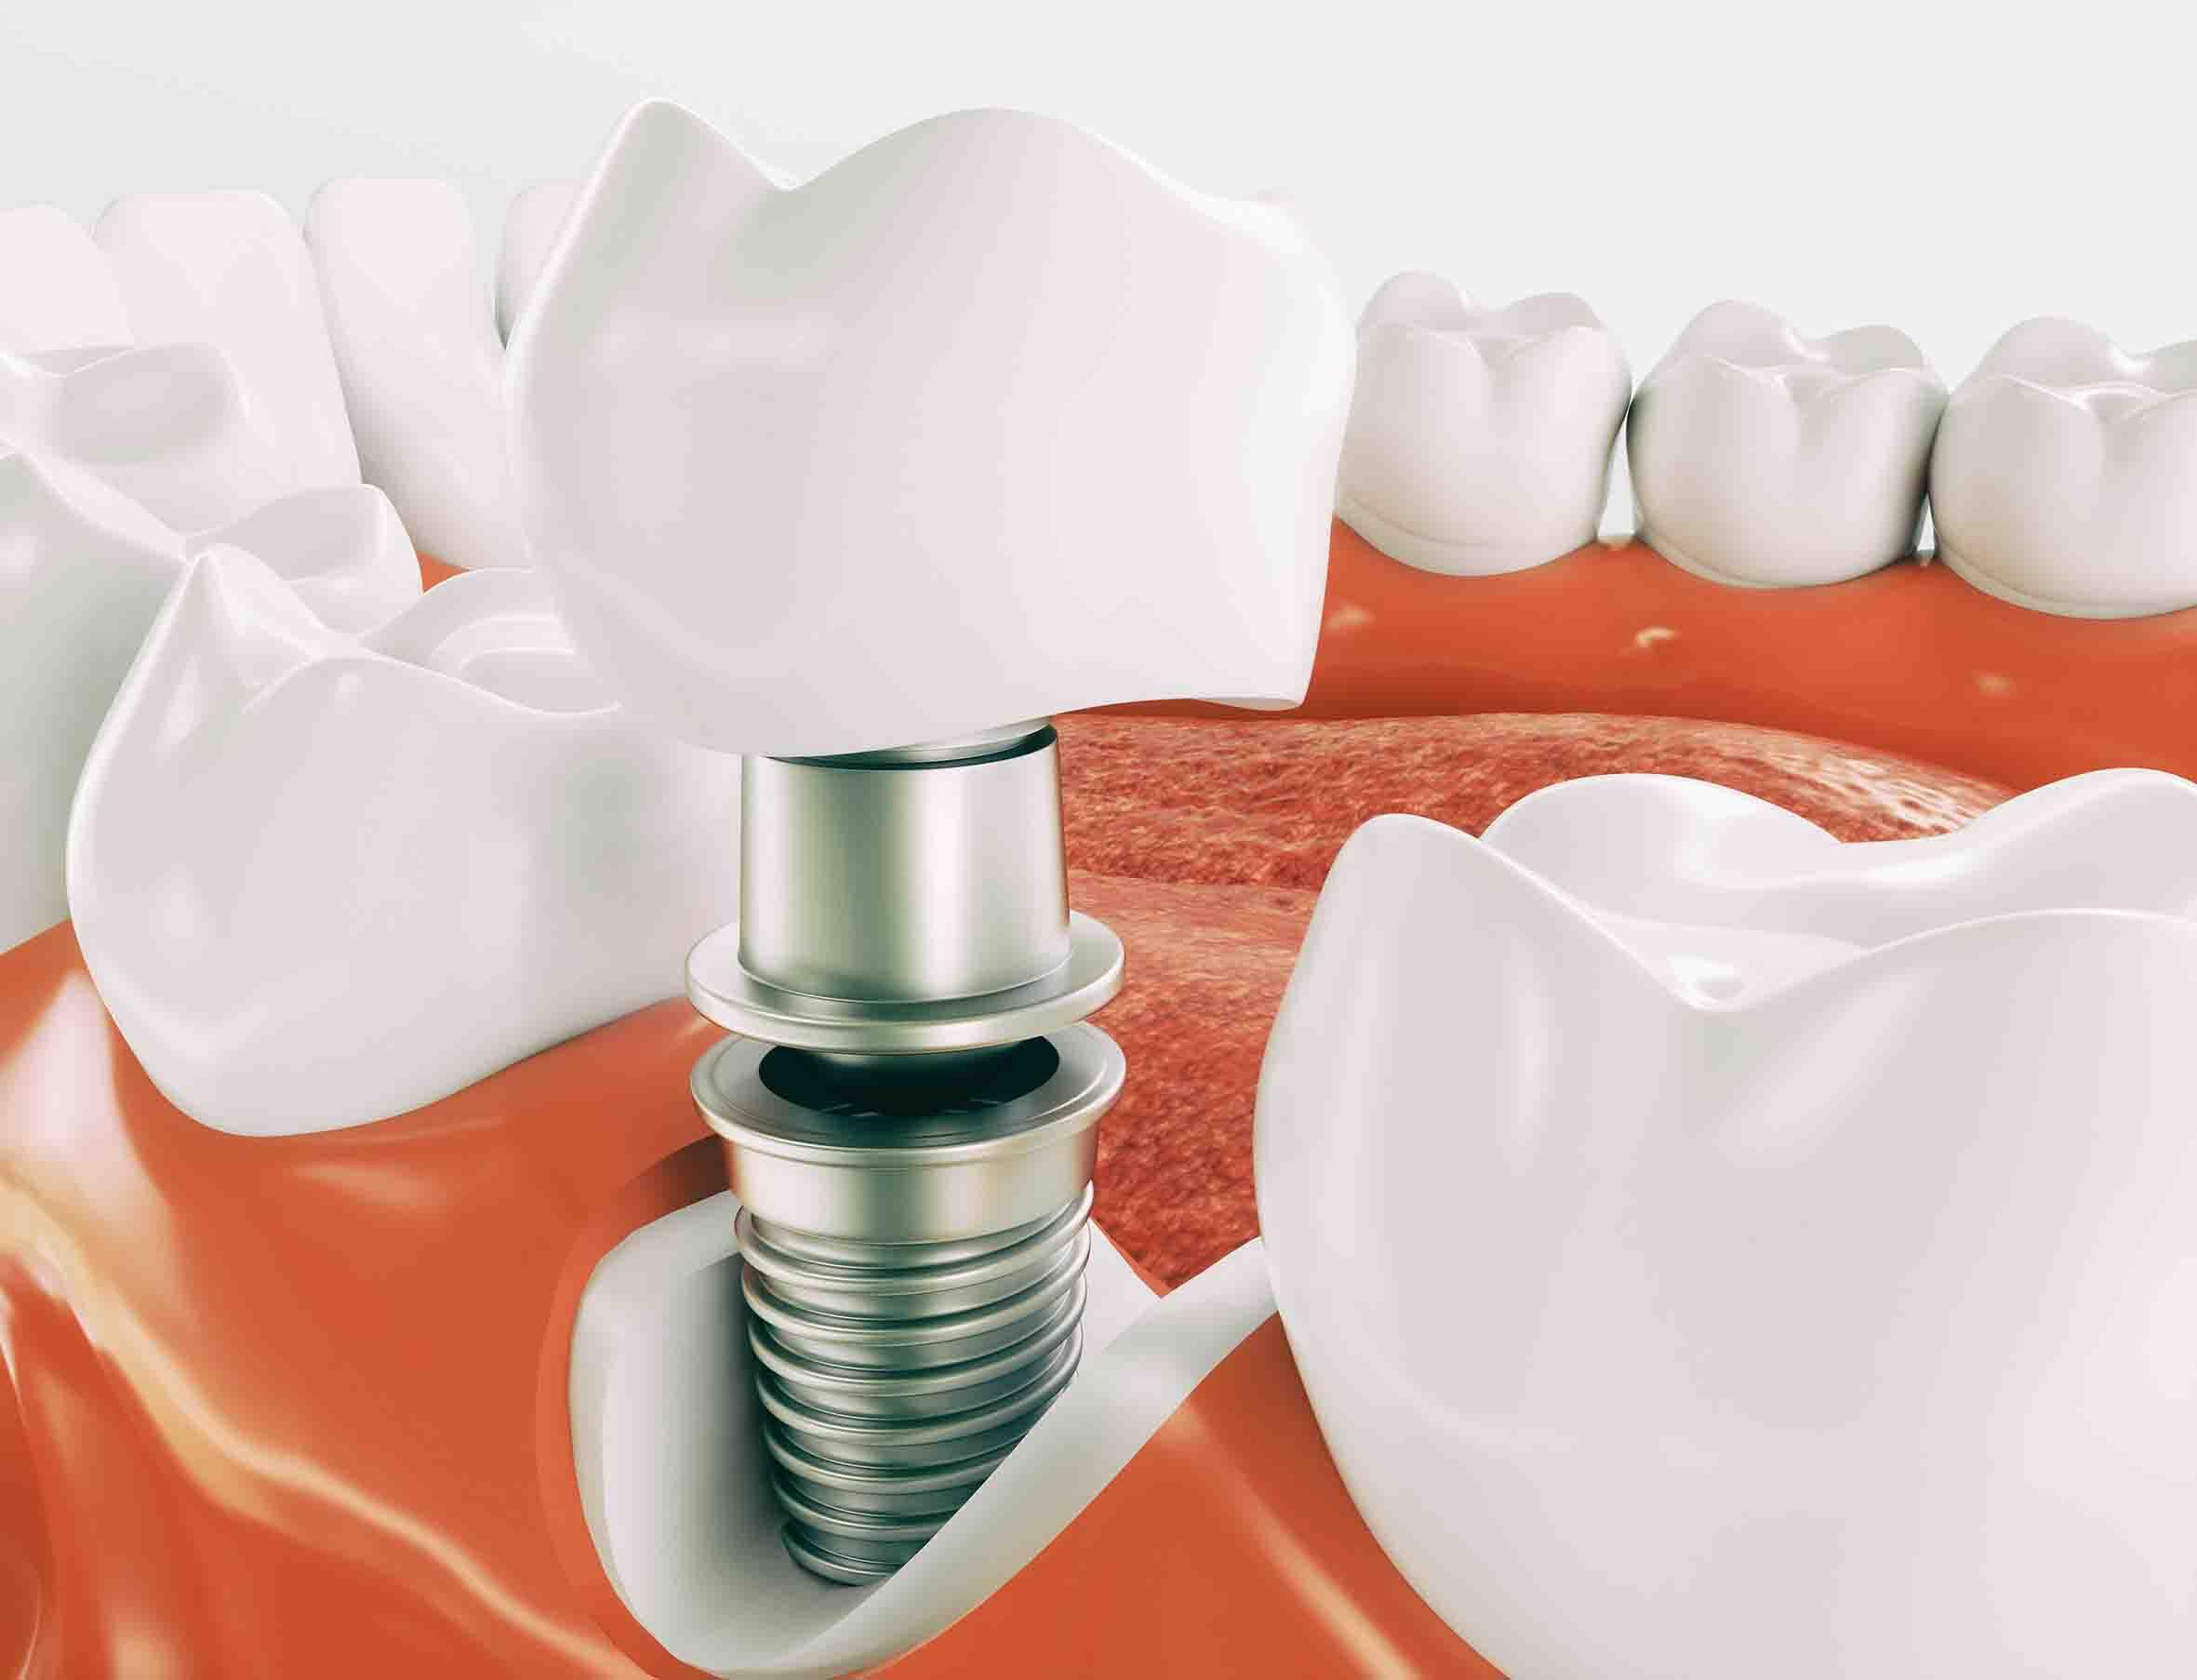 cosa fare dopo impianto dentale 2